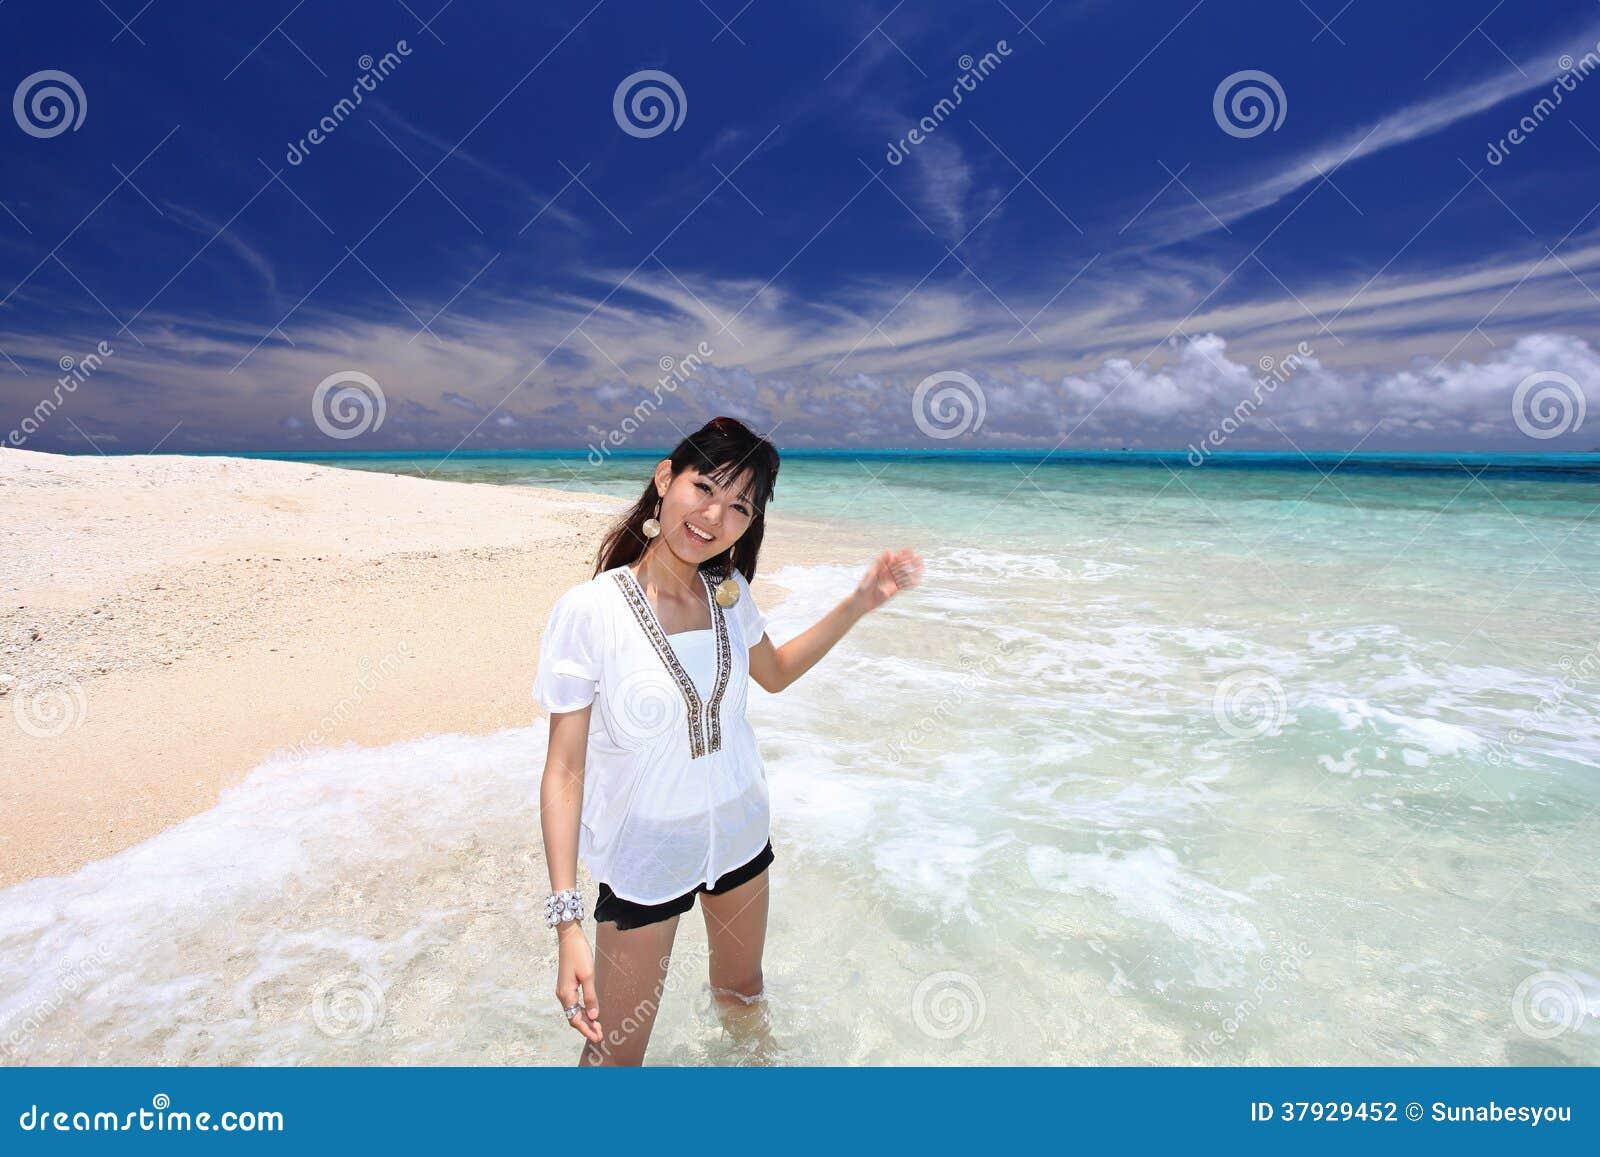 Женщина которая ослабляет на пляже.